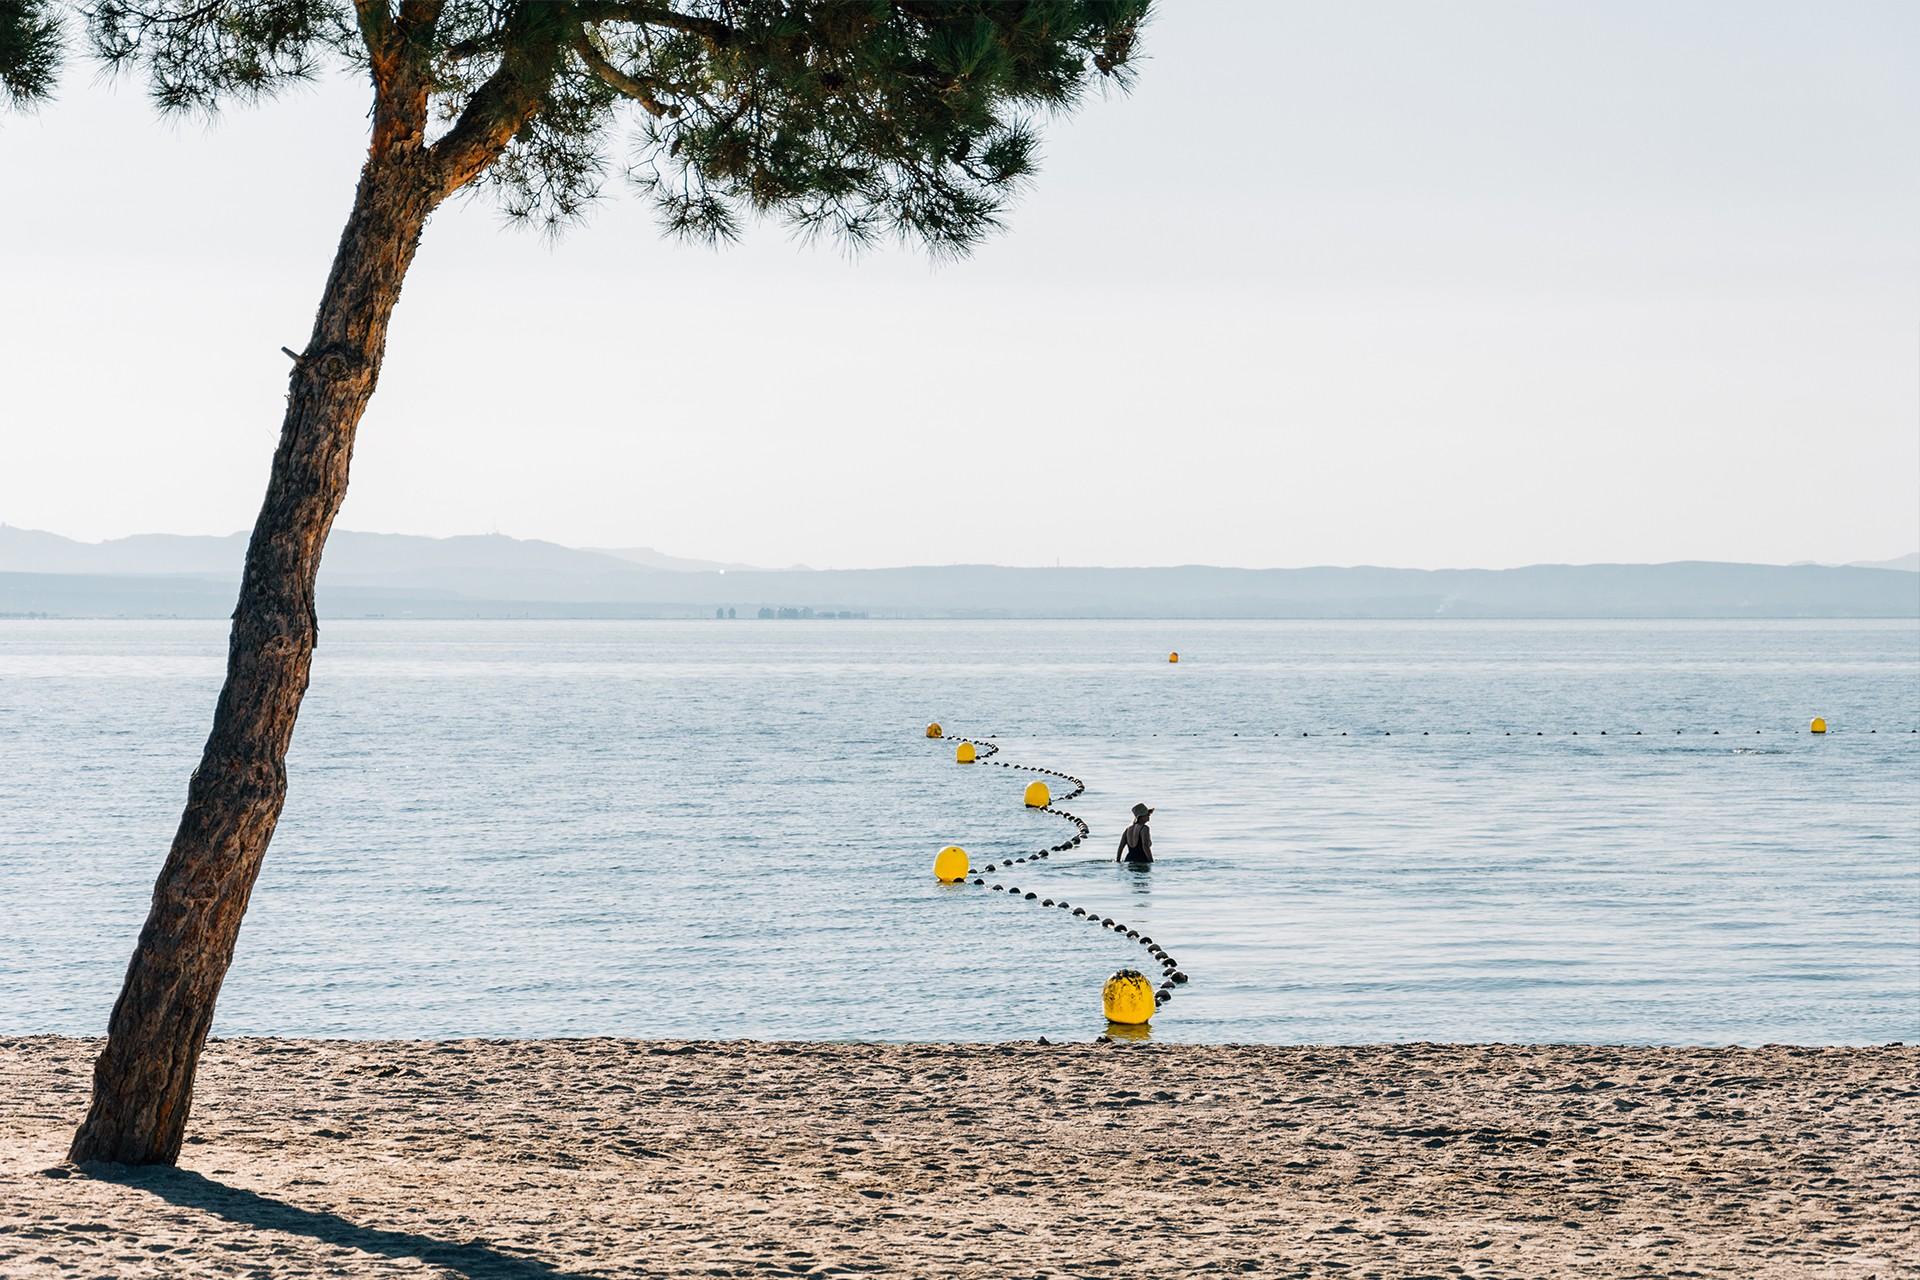 Baignade sur les plages d'Istres